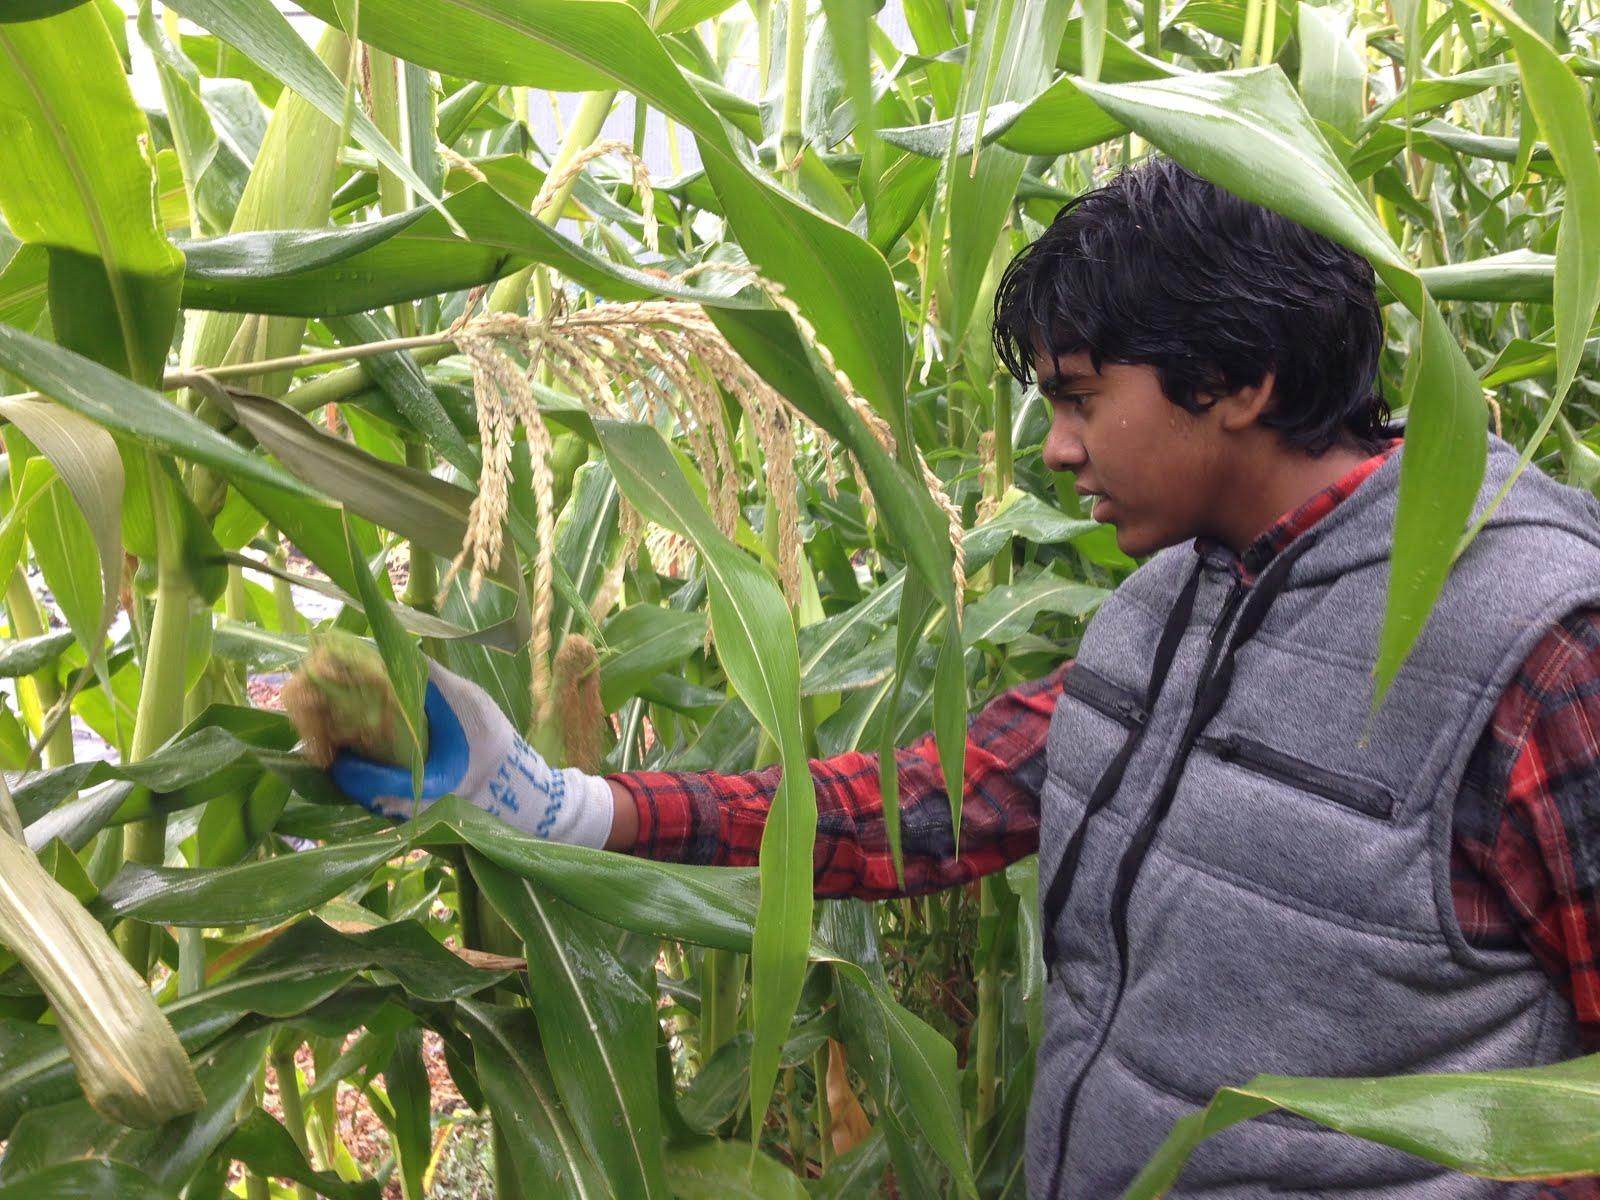 Picking Corn